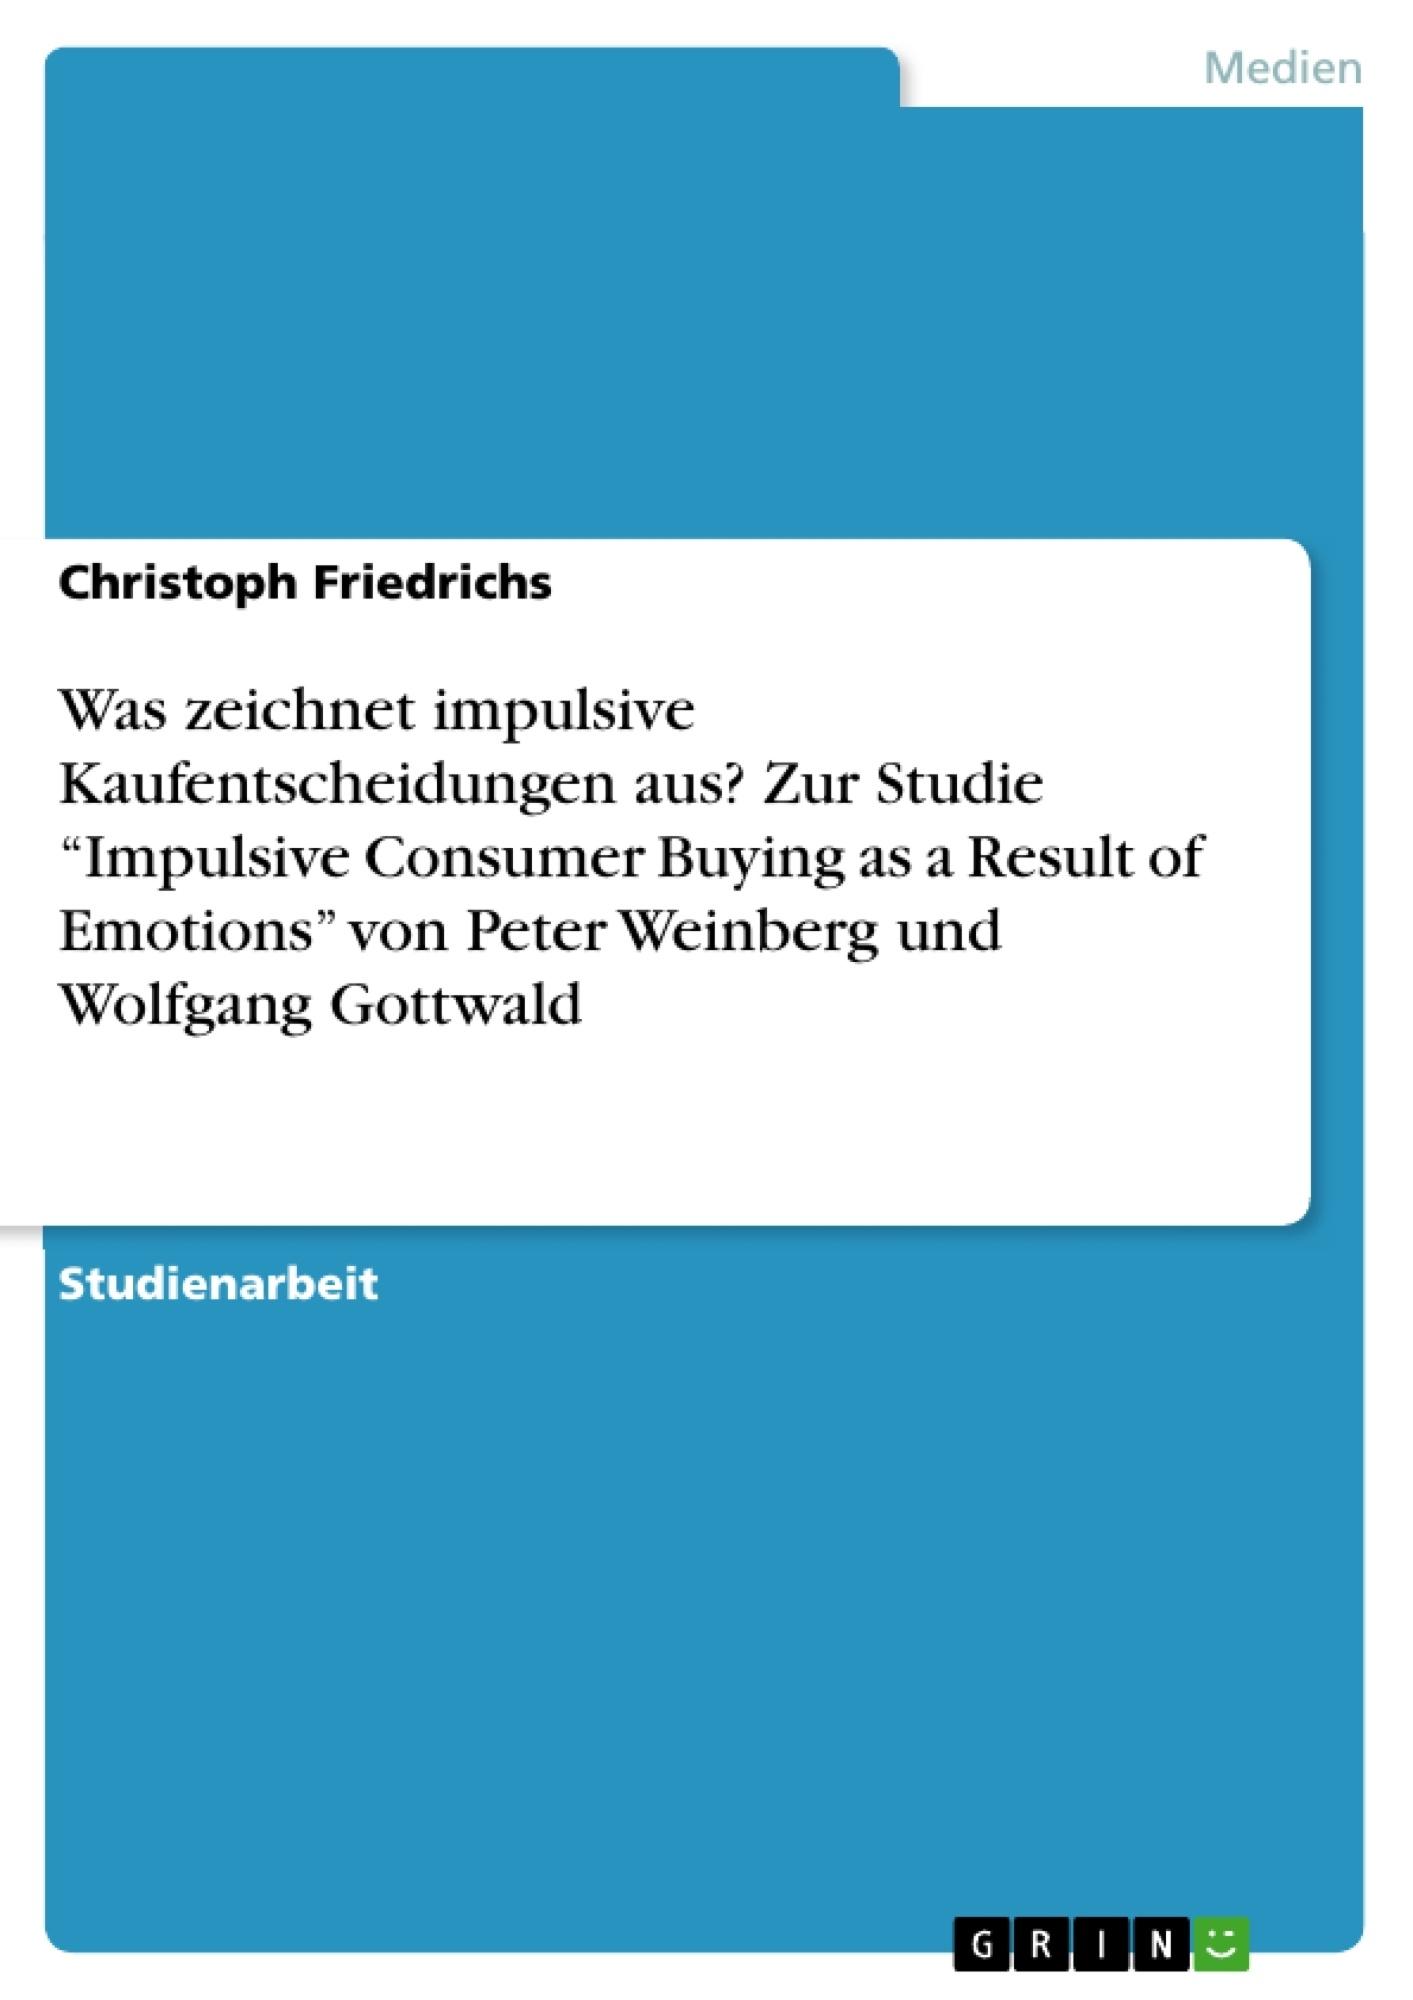 """Titel: Was zeichnet impulsive Kaufentscheidungen aus? Zur Studie """"Impulsive Consumer Buying as a Result of Emotions"""" von Peter Weinberg und Wolfgang Gottwald"""